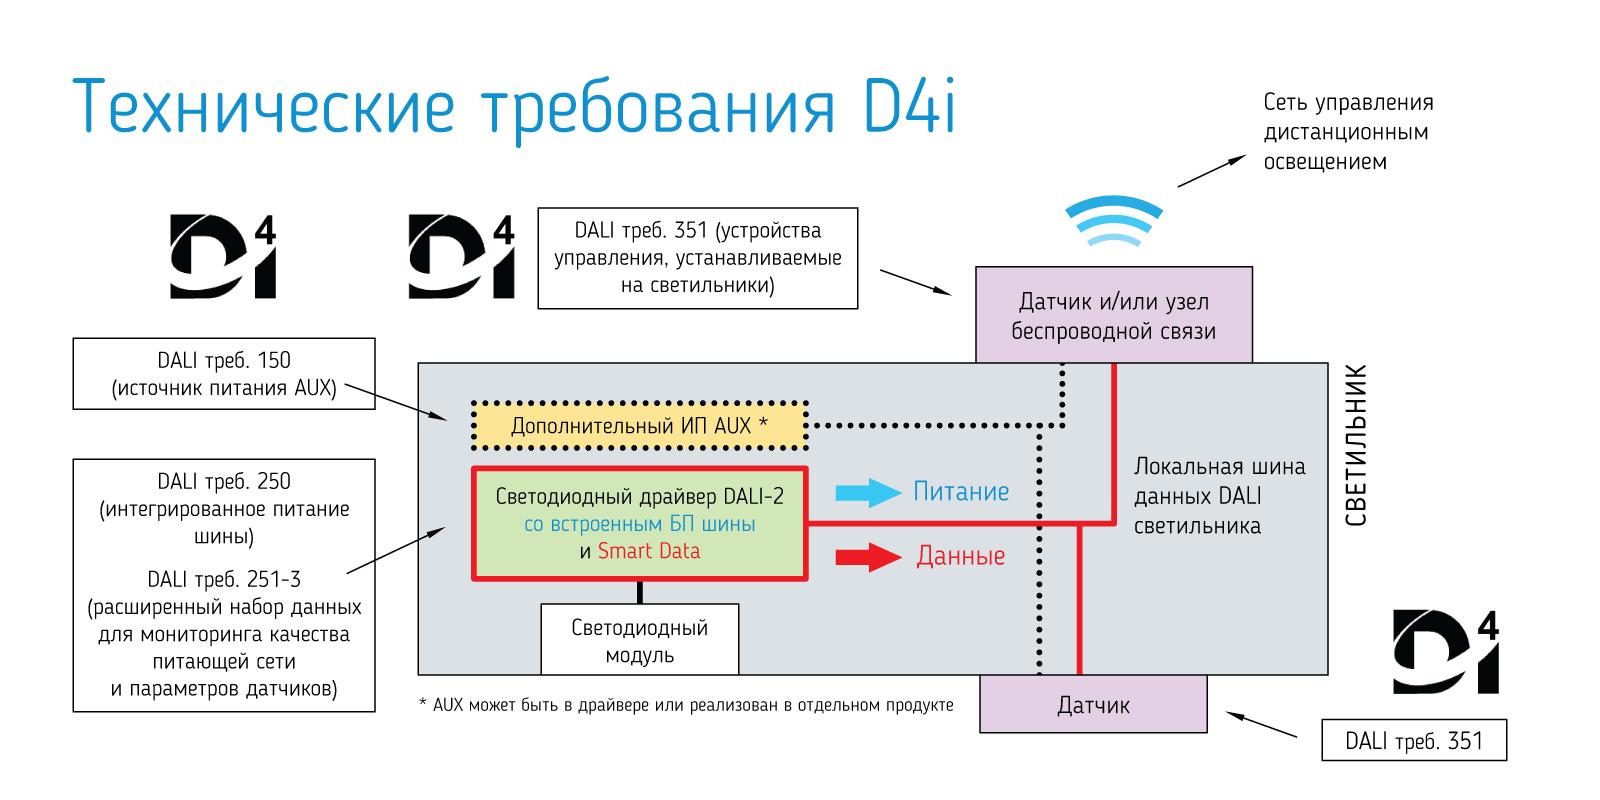 Структурная схема светильника с БП по стандарту D4i